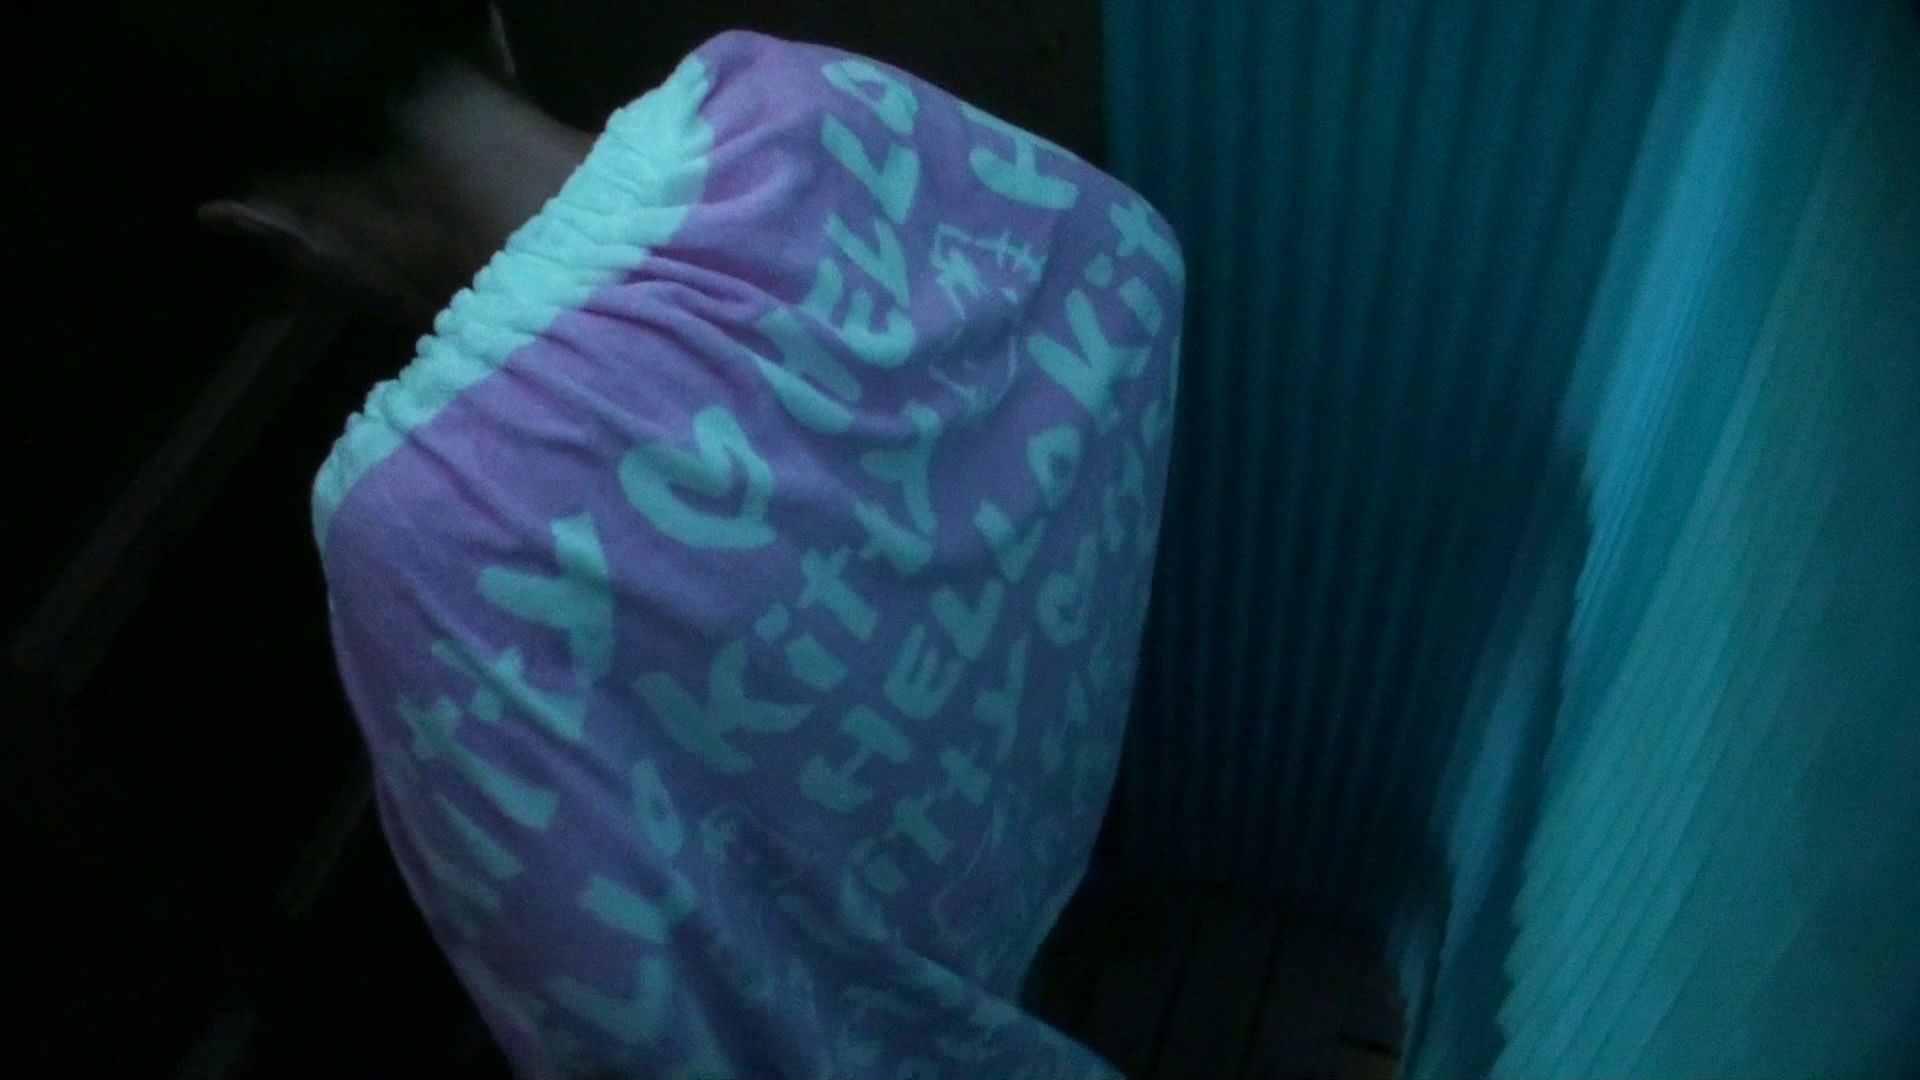 シャワールームは超!!危険な香りVol.26 大学生風美形ギャル 暗さが残念! シャワー すけべAV動画紹介 103PIX 39